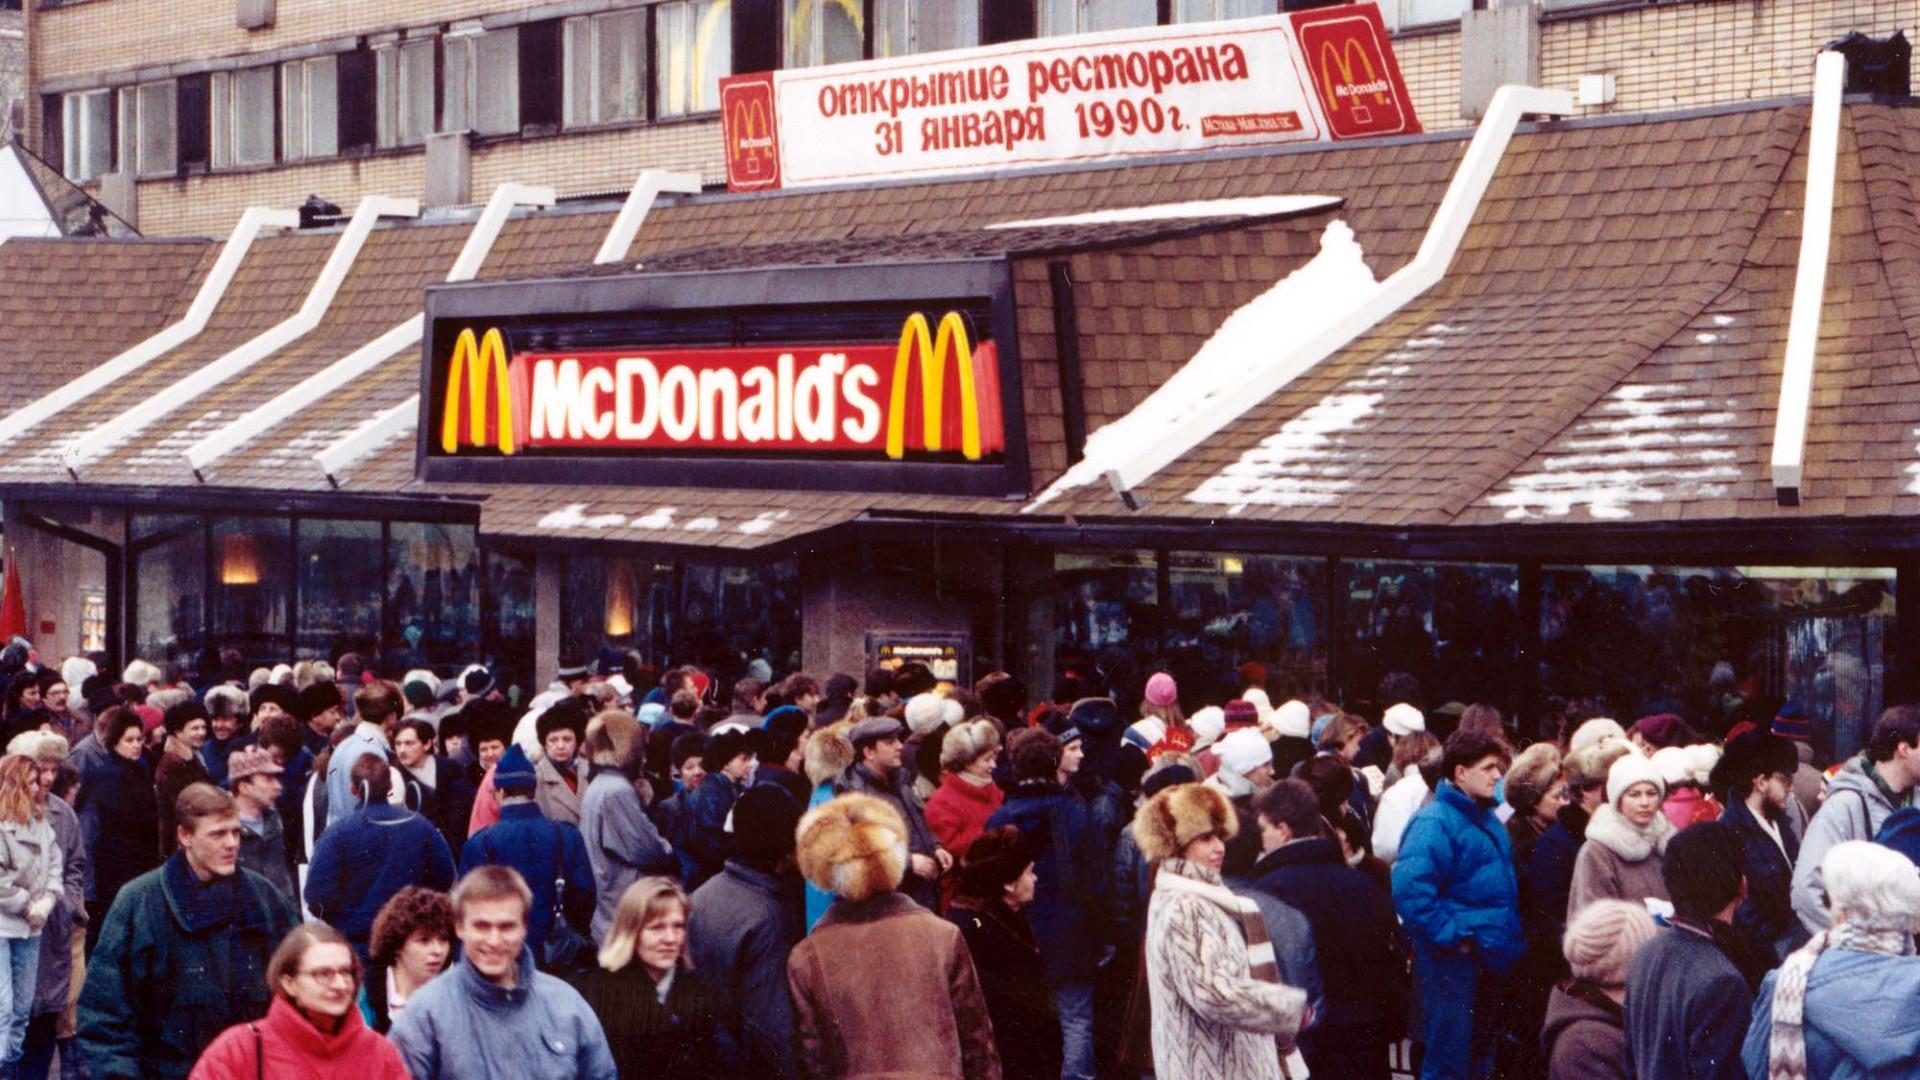 McDonald's - парапапапаа, или всего -4% за последние полгода